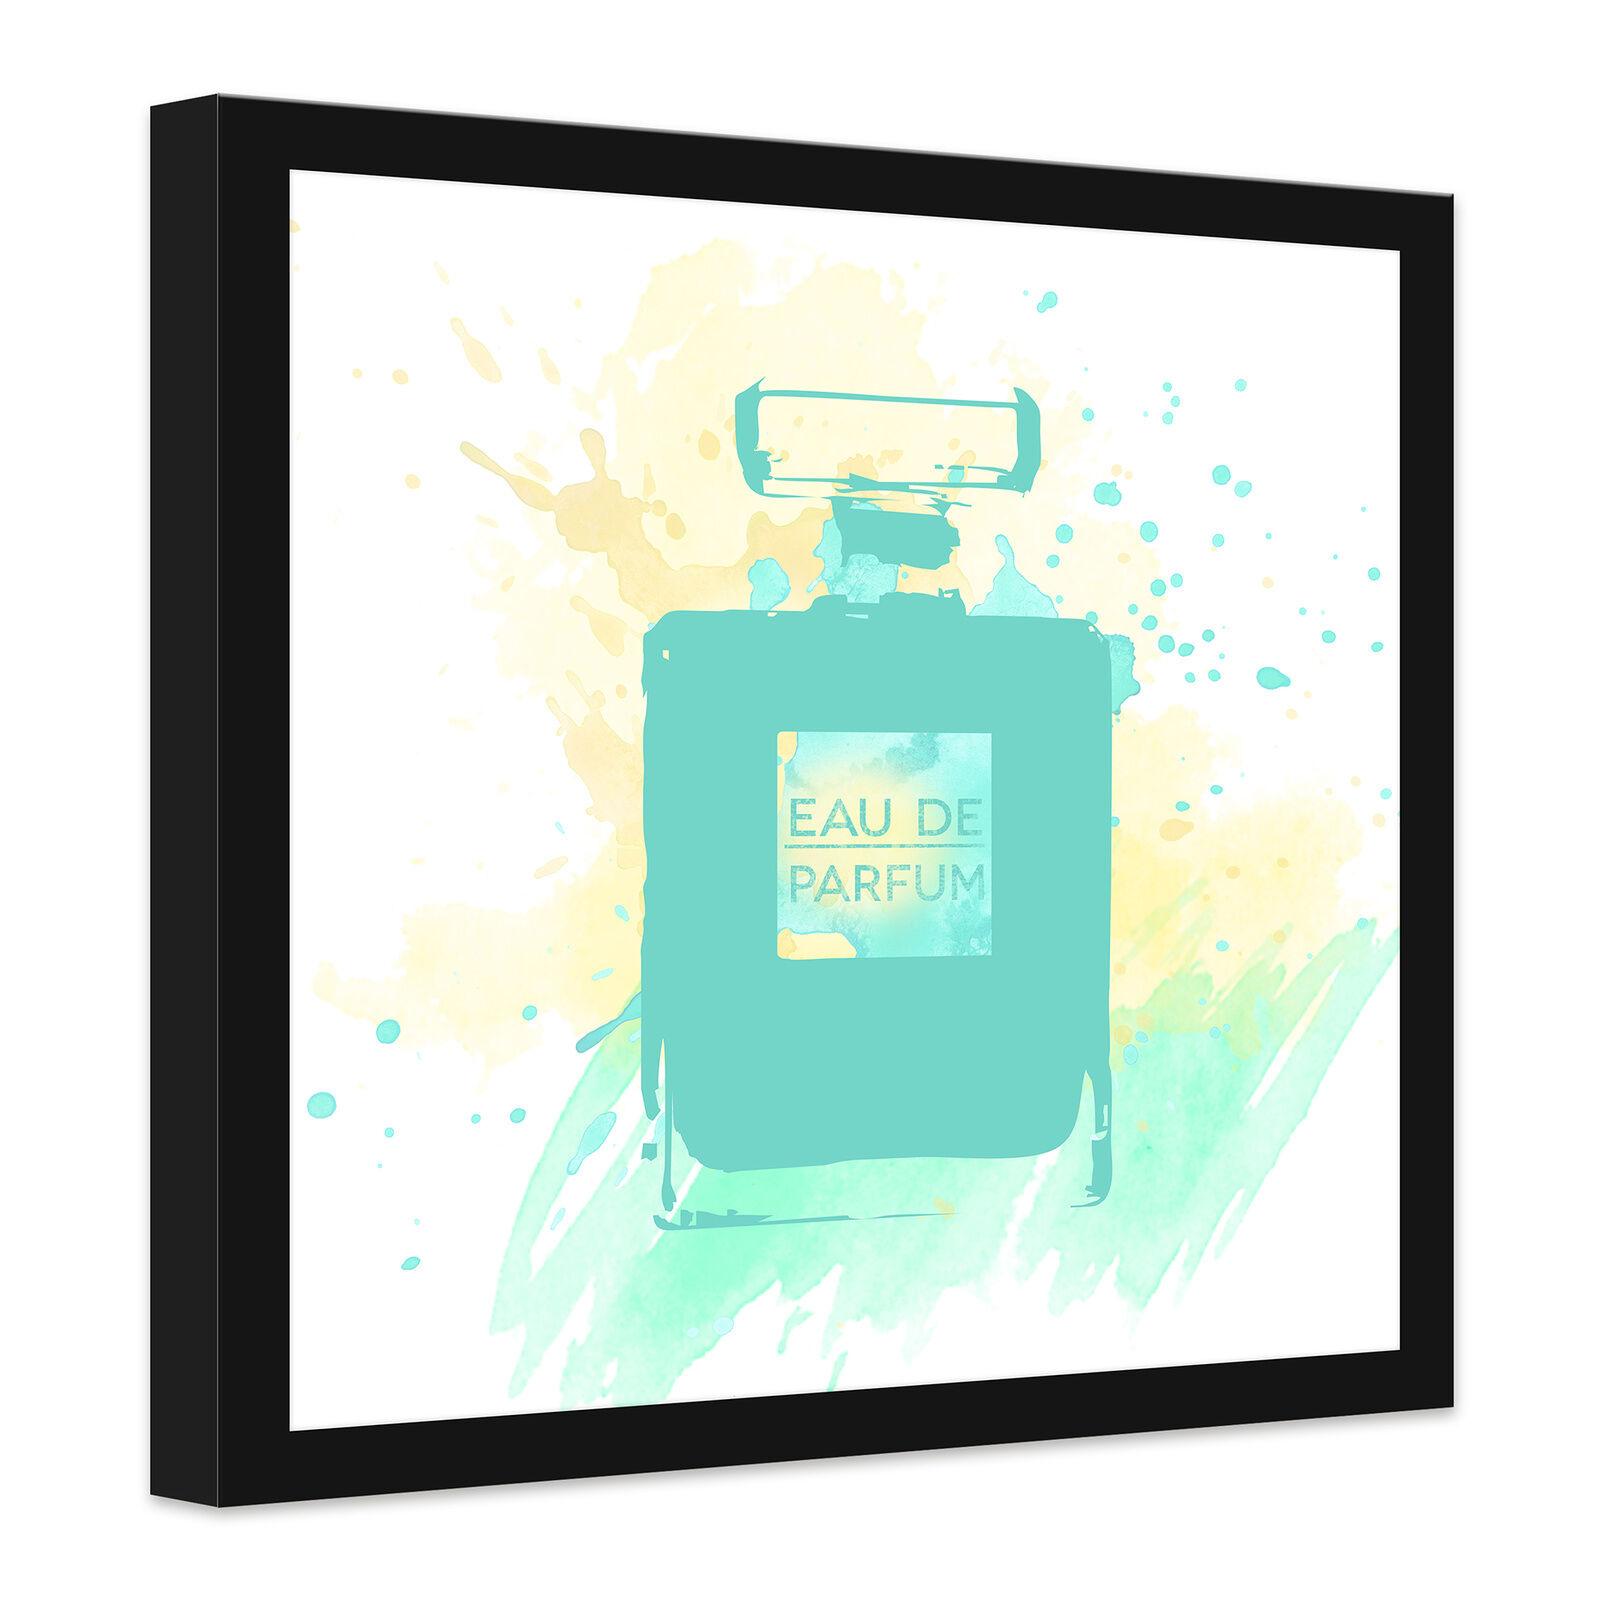 Lienzo de imagen Parfum del lienzo Eau de Parfum imagen acuarela-Mint turquesa 5f0da5